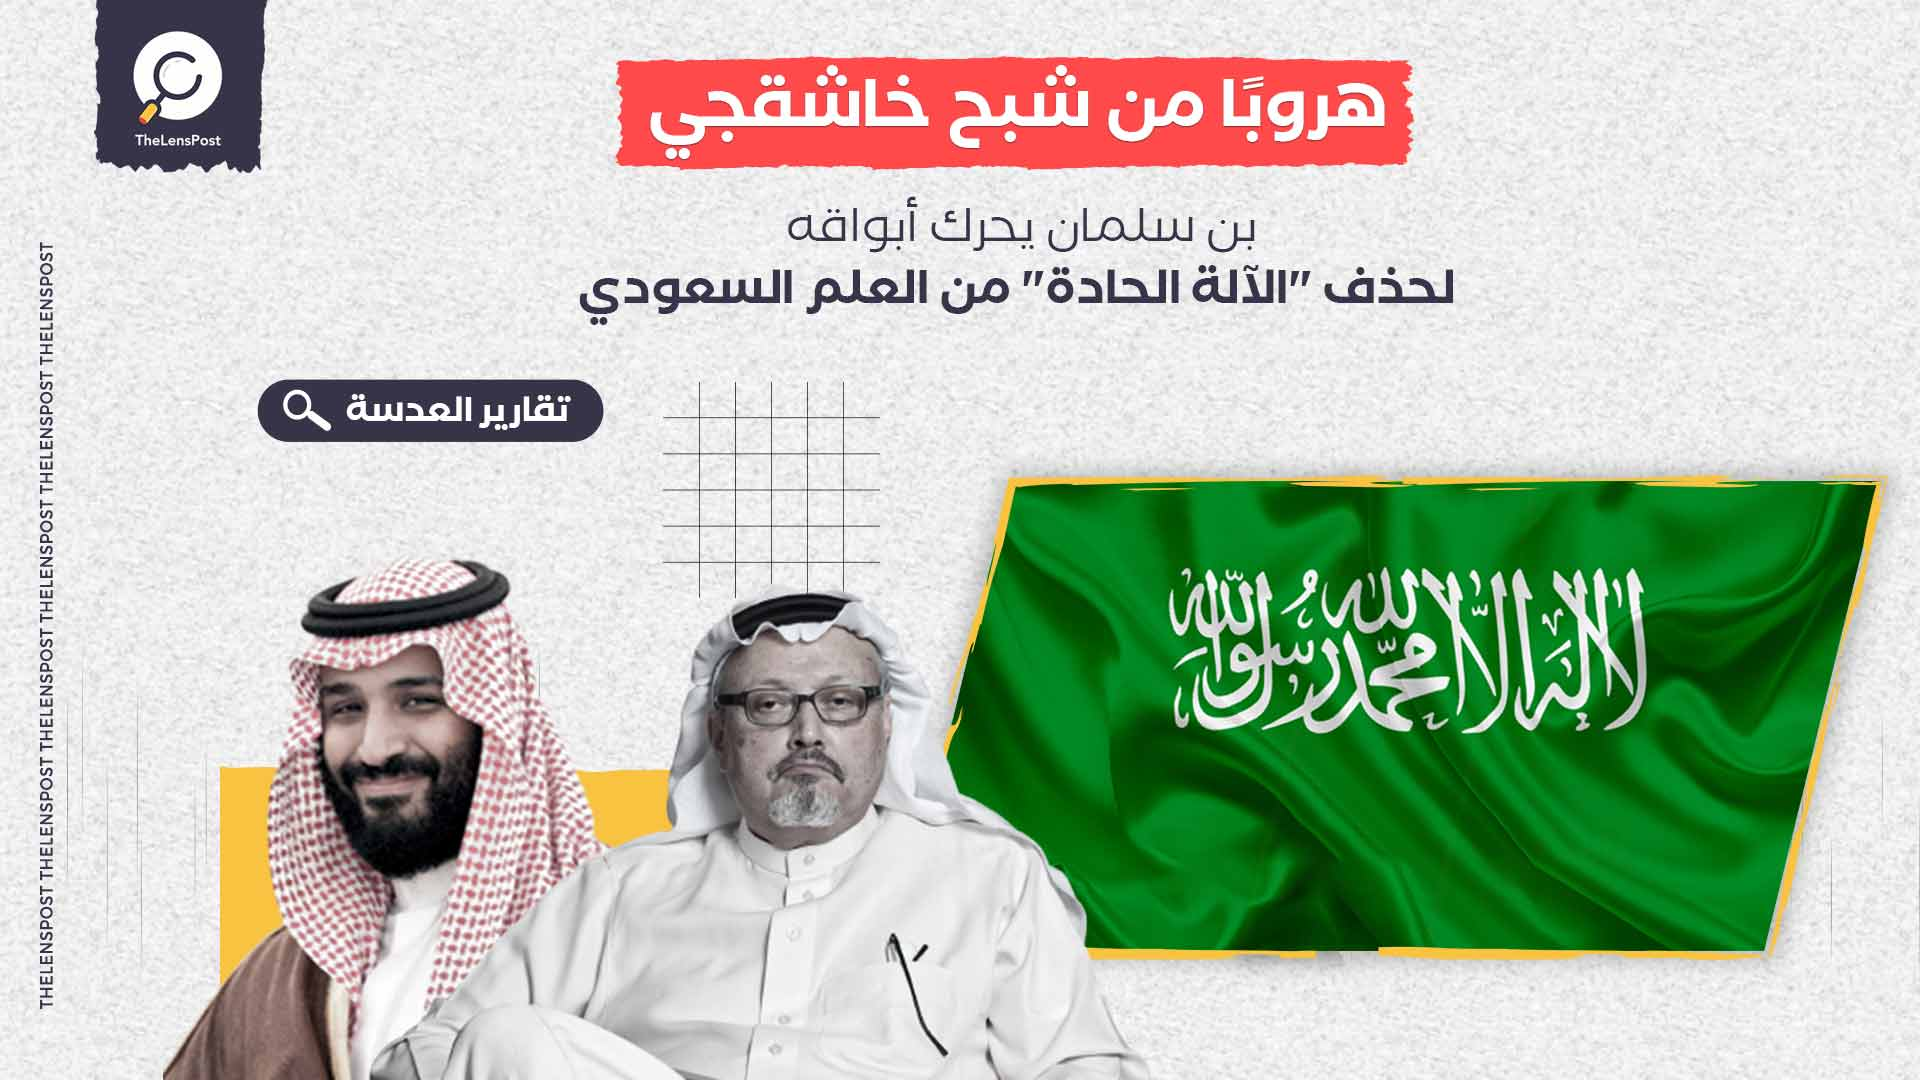 """هروبًا من شبح خاشقجي.. بن سلمان يحرك أبواقه لحذف """"الآلة الحادة"""" من العلم السعودي"""